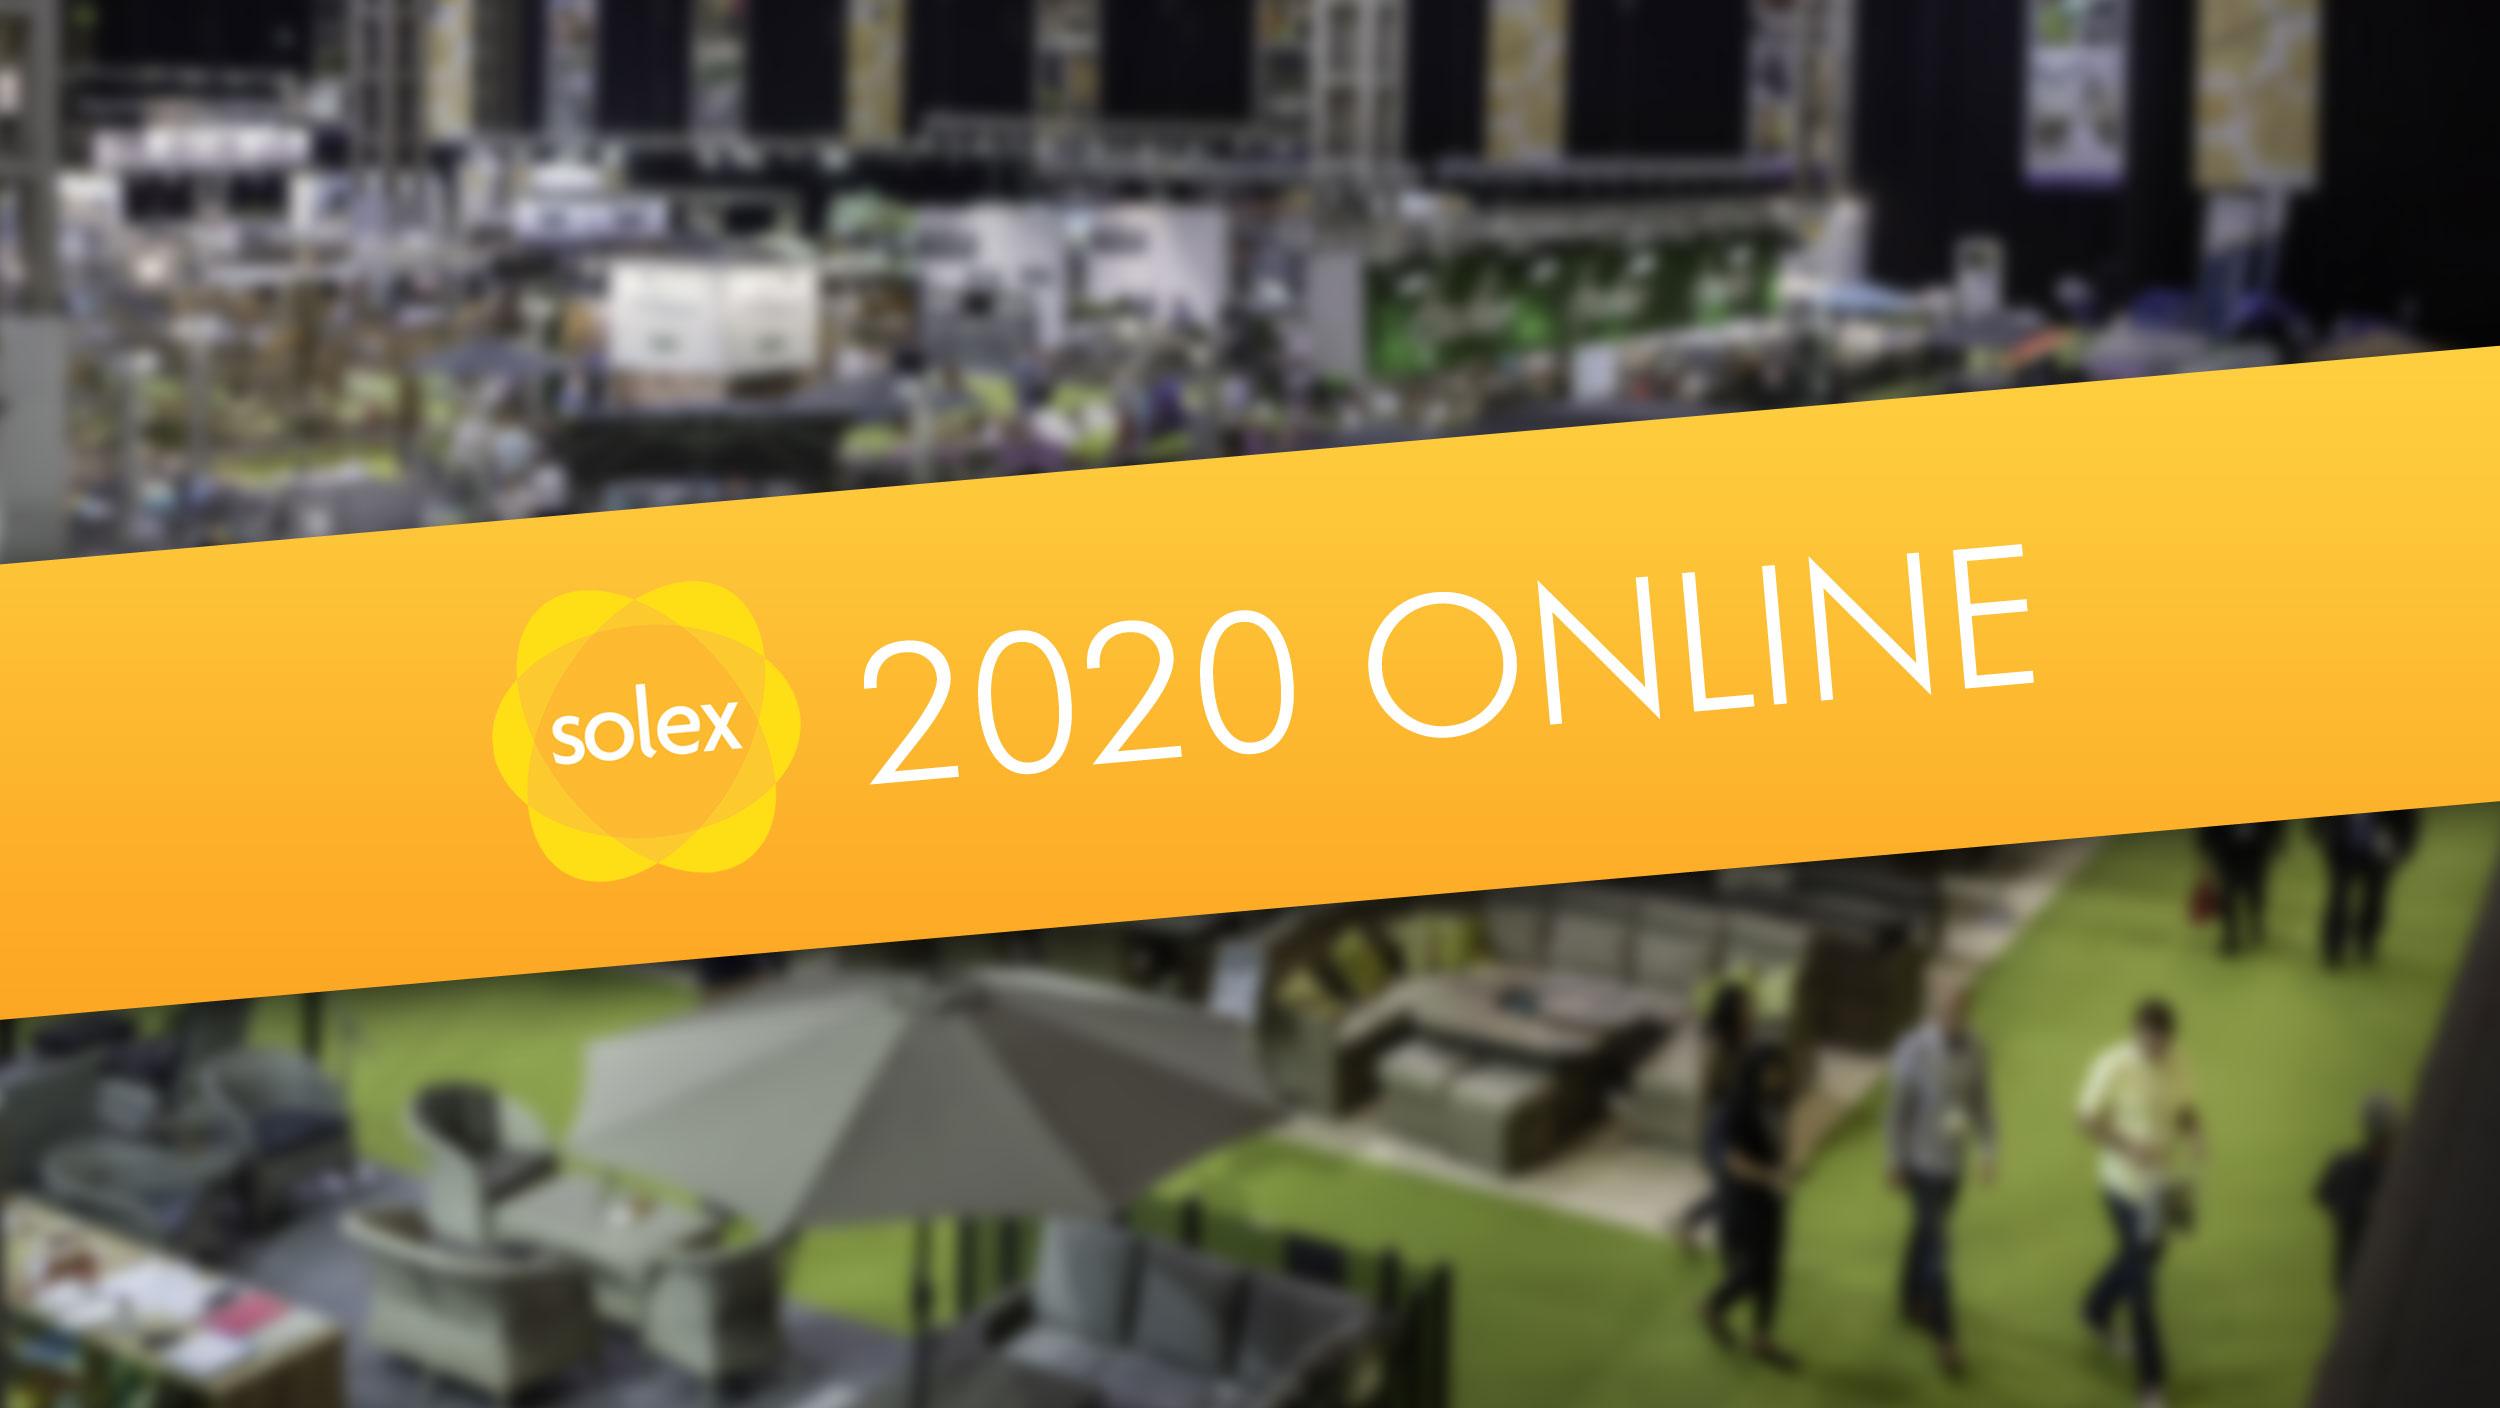 SOLEX 2020 ONLINE